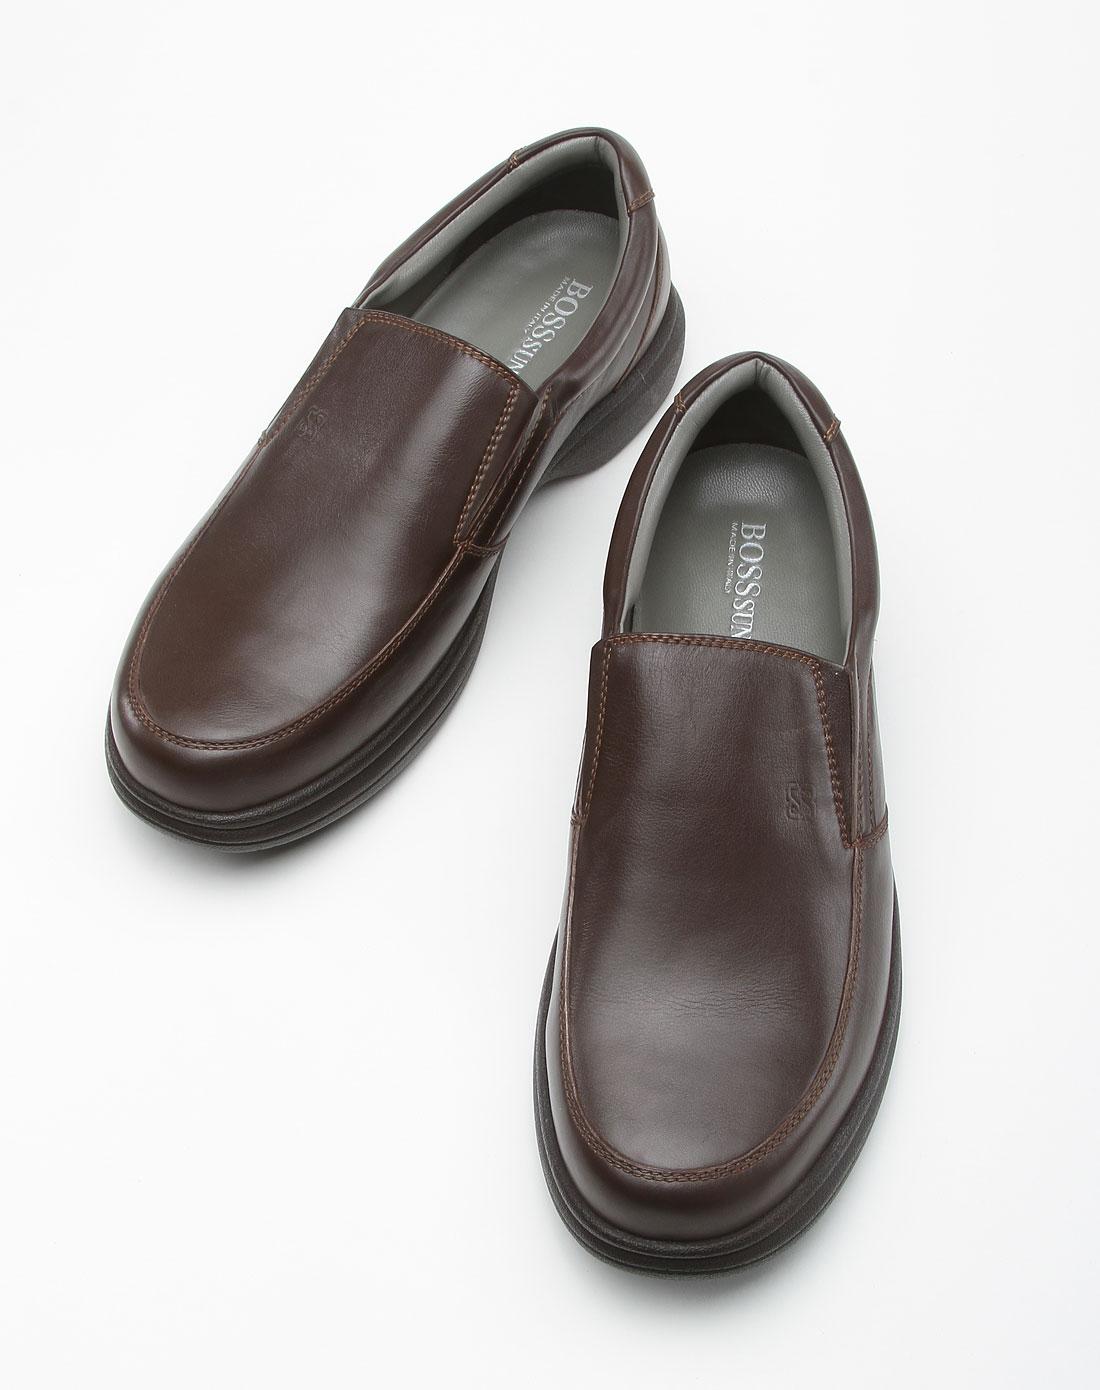 咖啡色商务休闲皮鞋